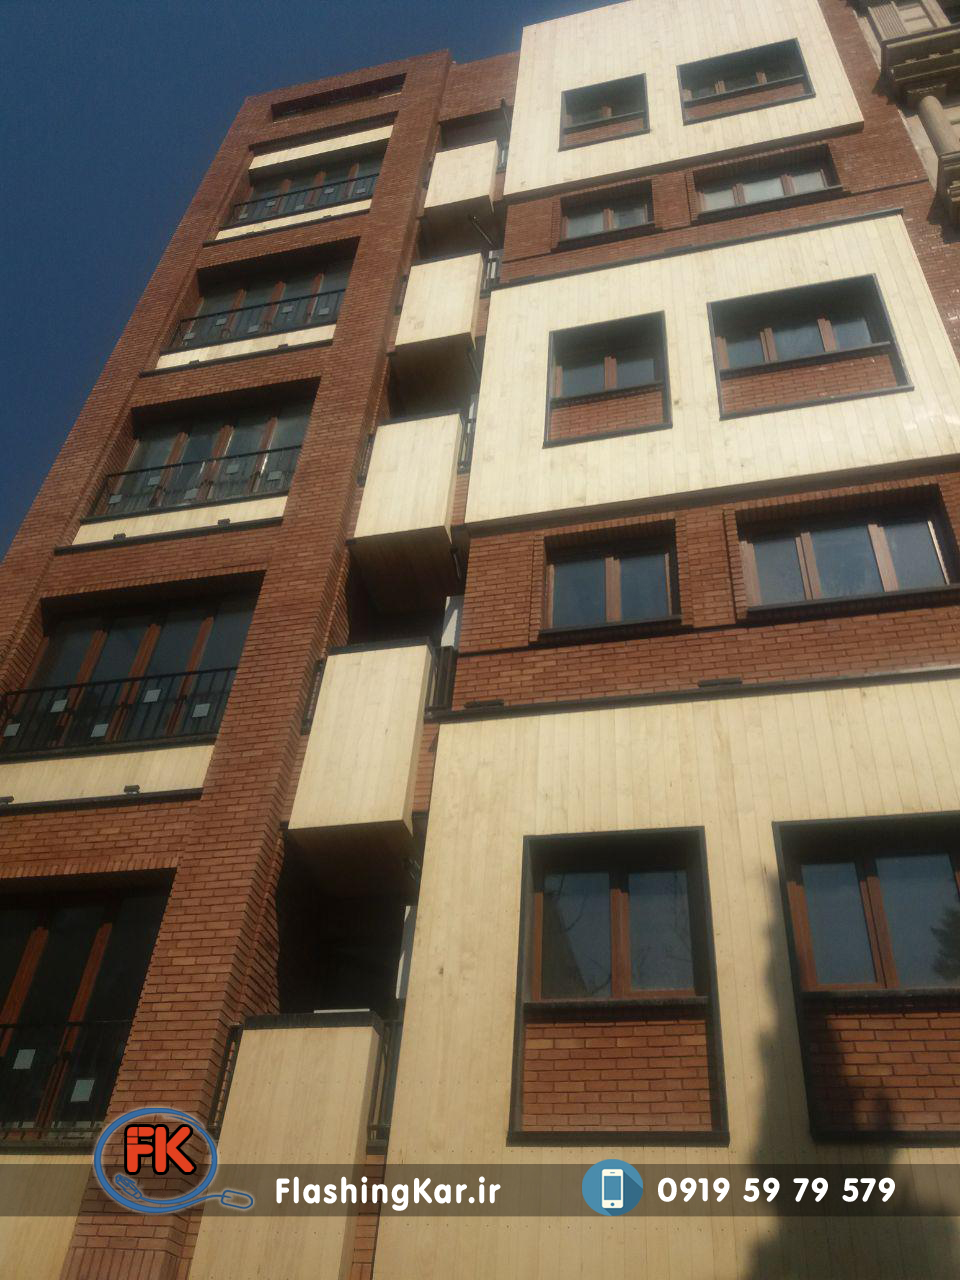 اجرای فلاشینگ نمای ساختمان